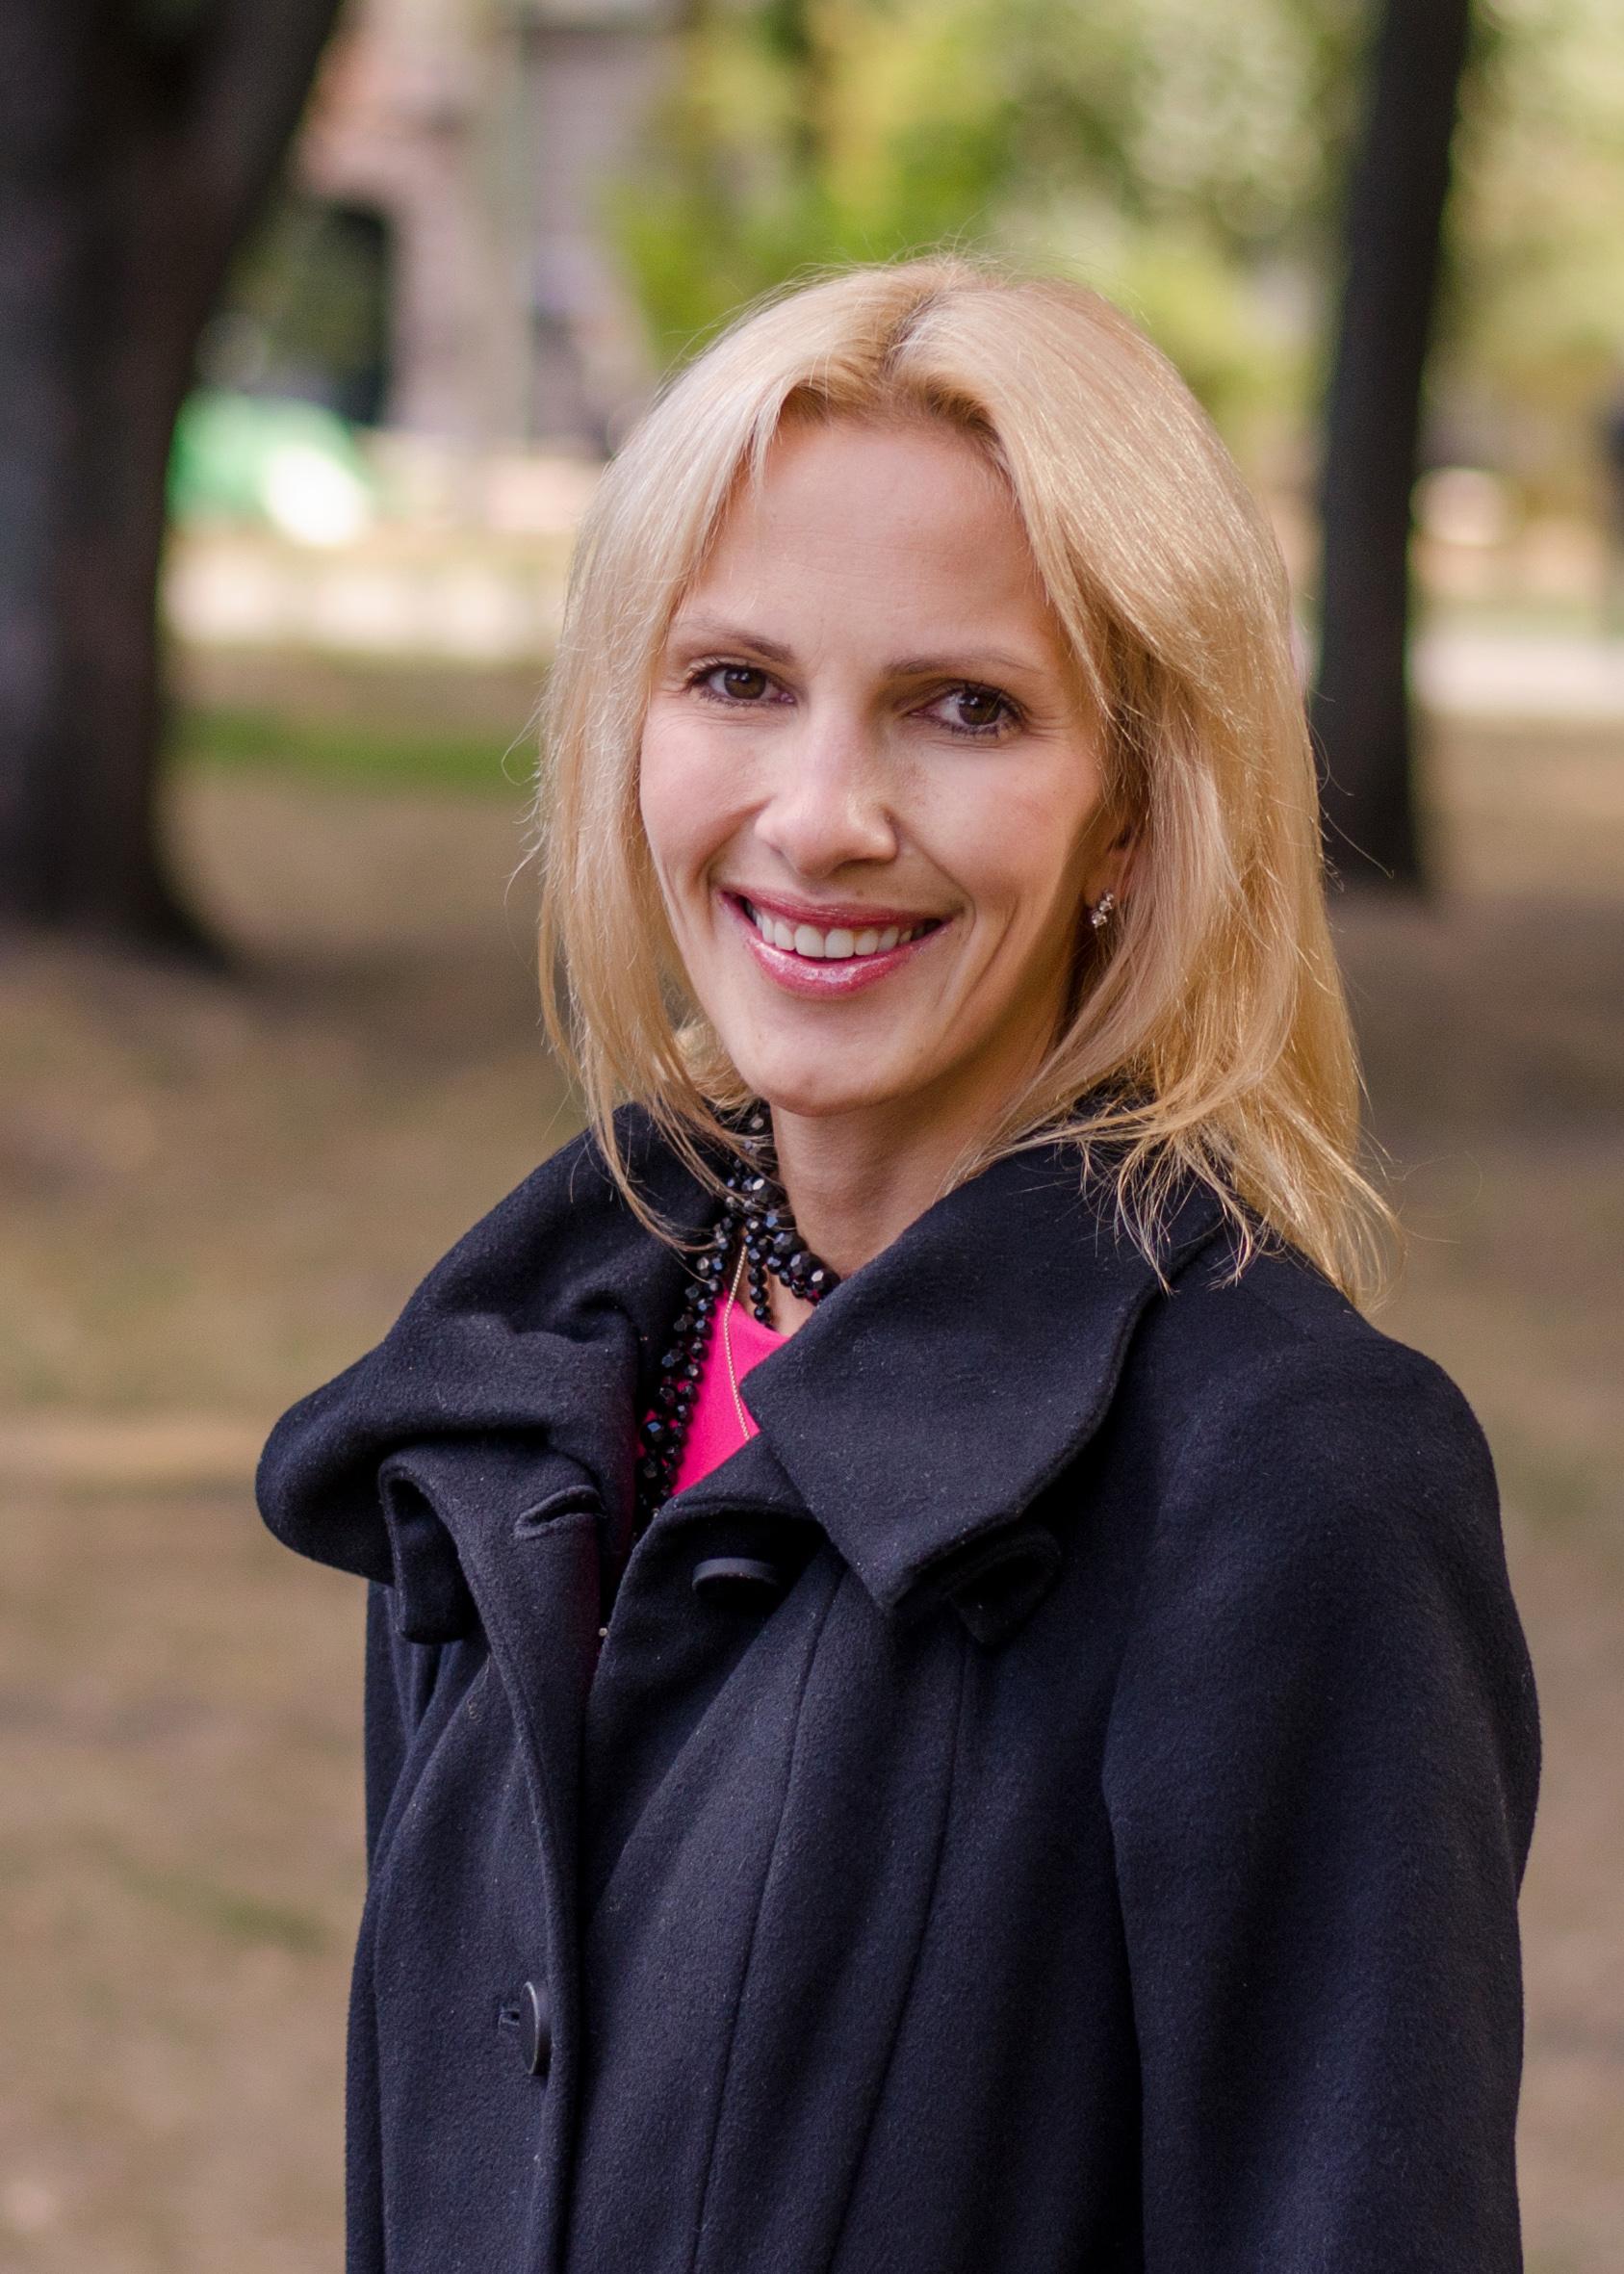 Депутат Киевсовета из «Самопомощи» Балицкая оказалась в эпицентре громкого коррупционного скандала